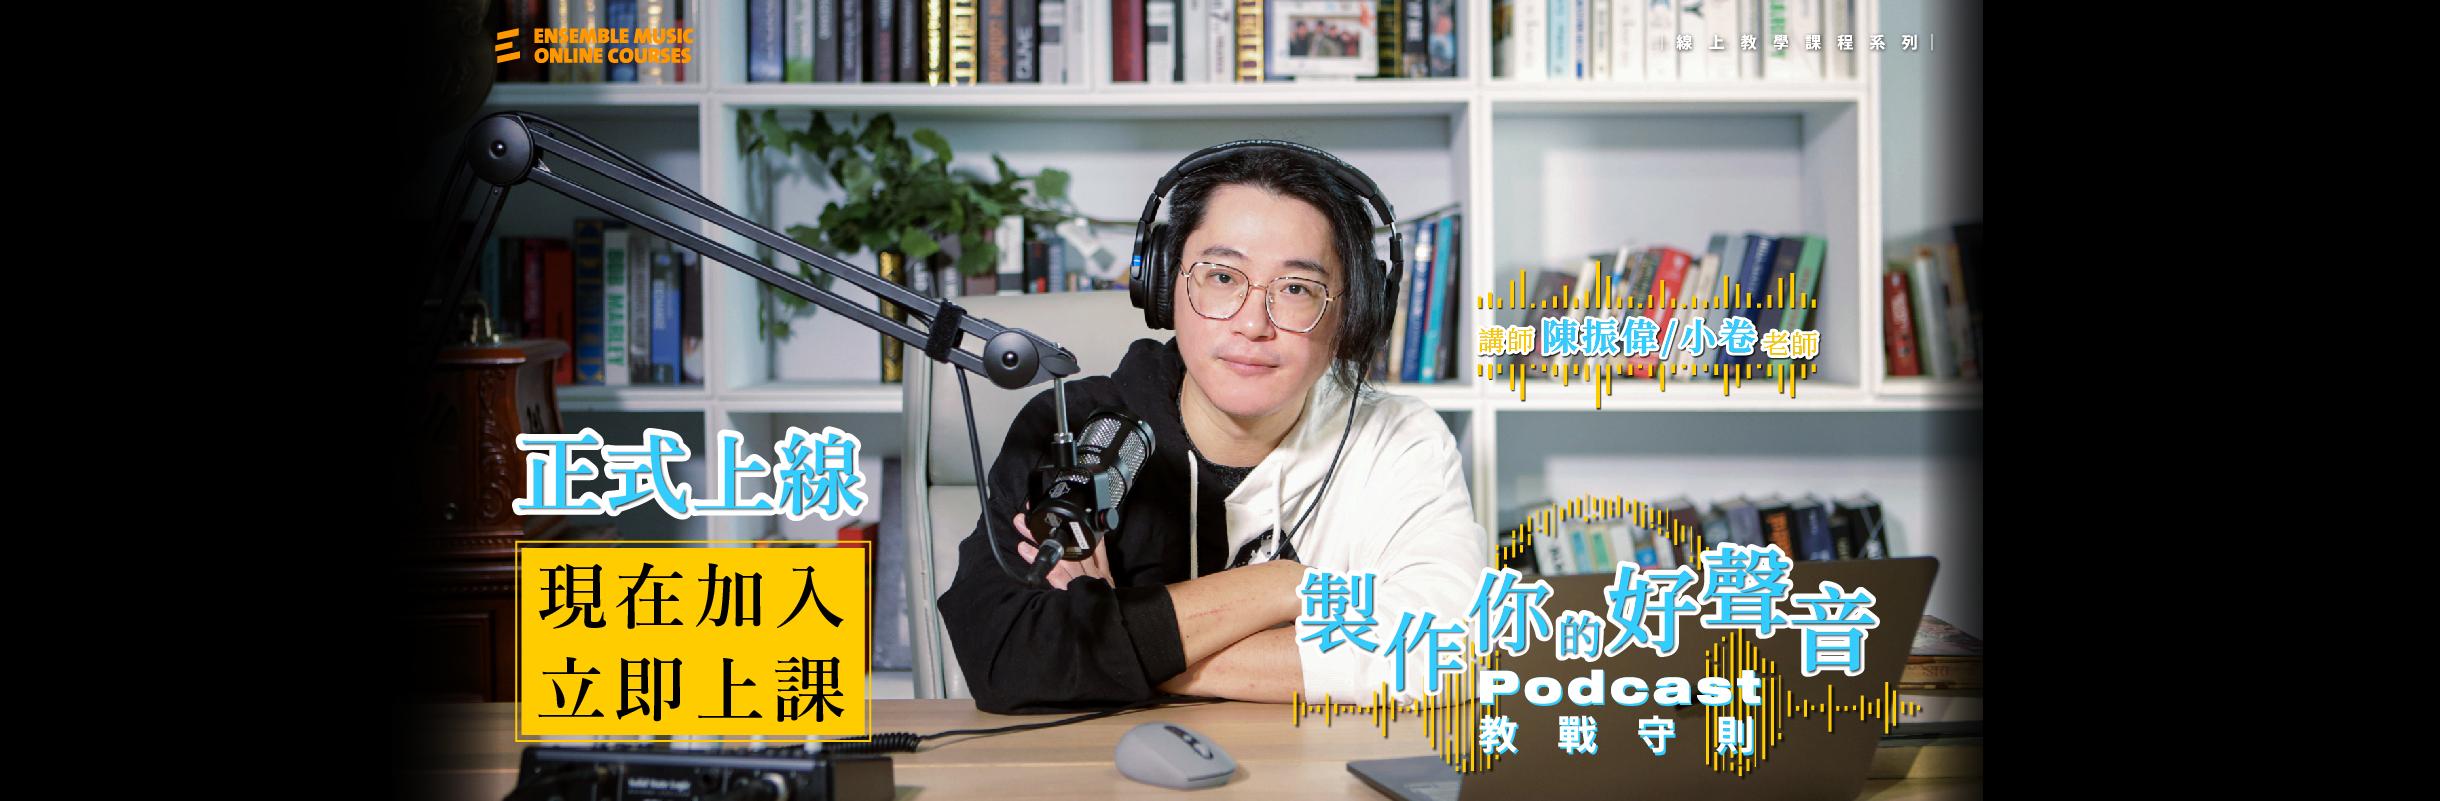 小卷老師Podcast